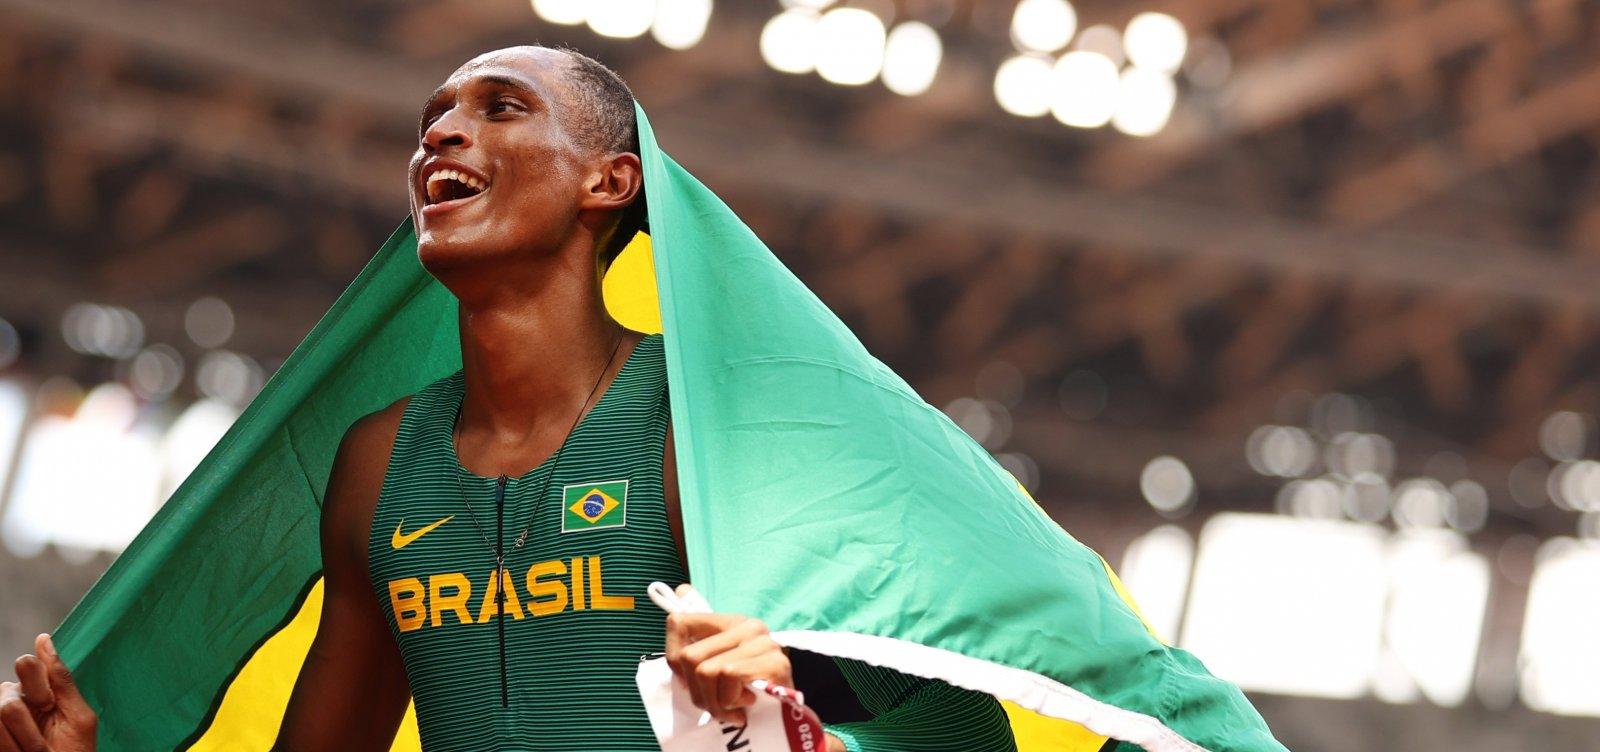 Atletismo brasileiro leva bronze nos 400m com barreiras